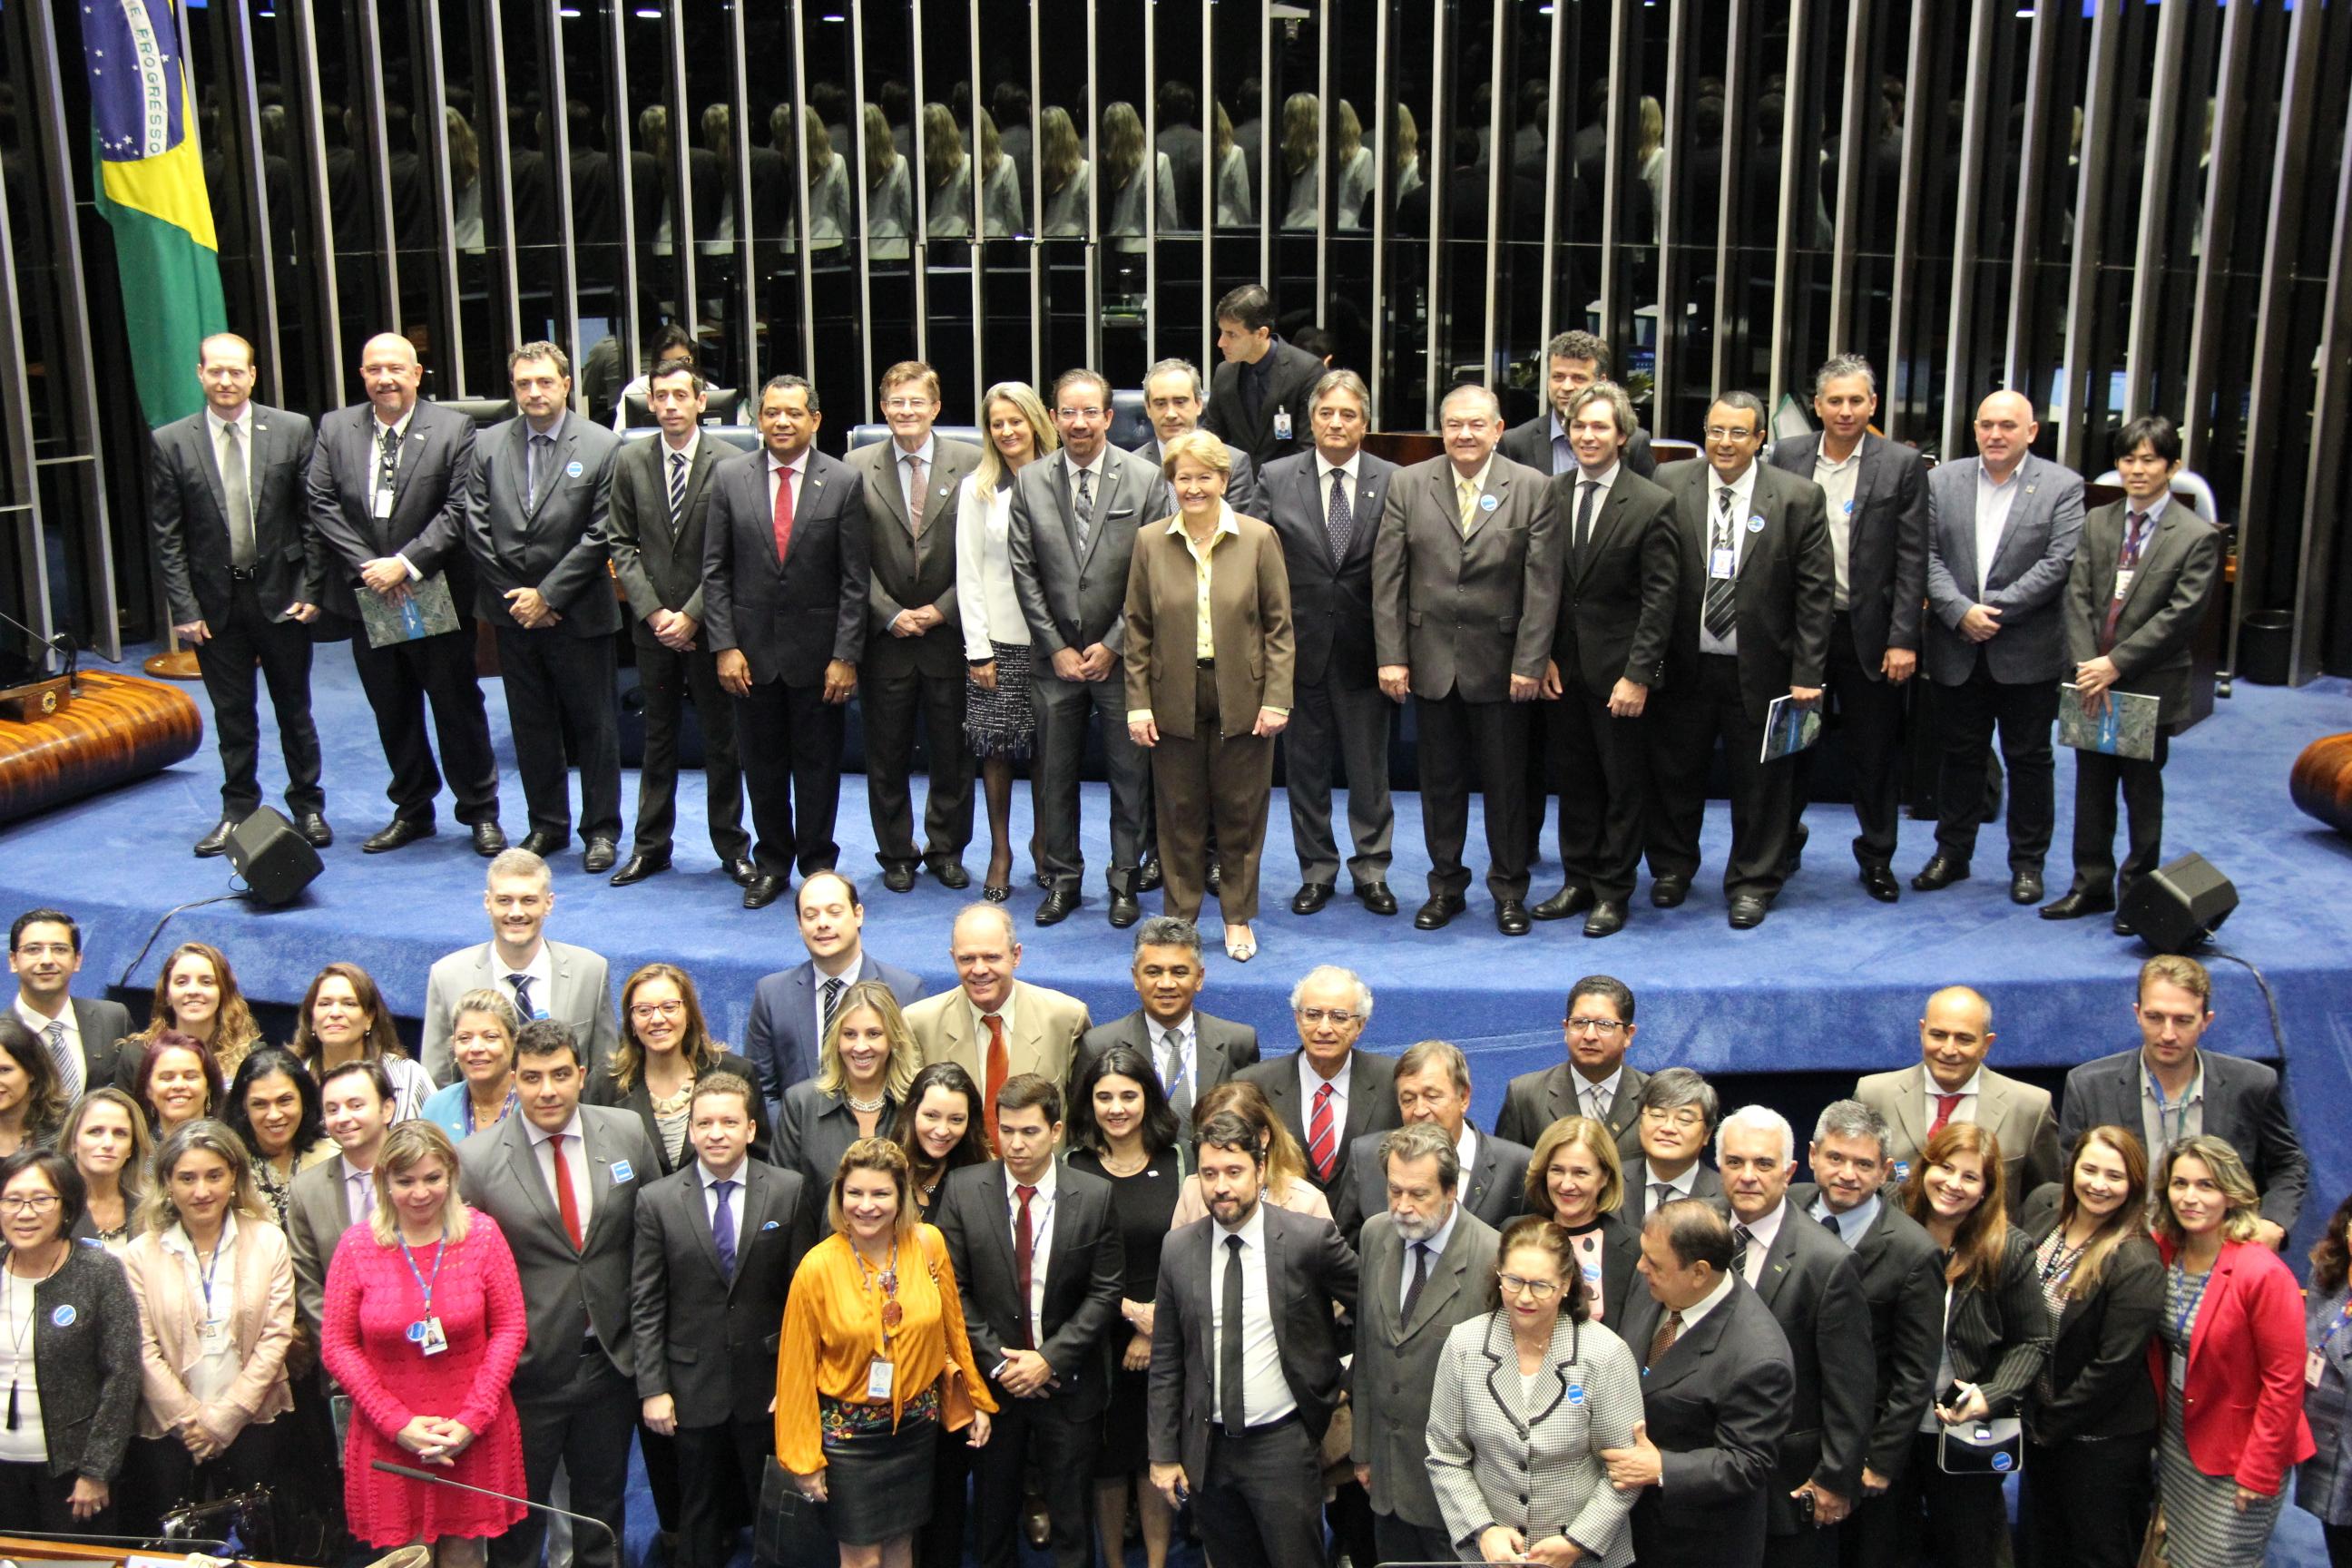 Kátia Marsicano - Sessão solene reuniu mais de cem pessoas no Senado